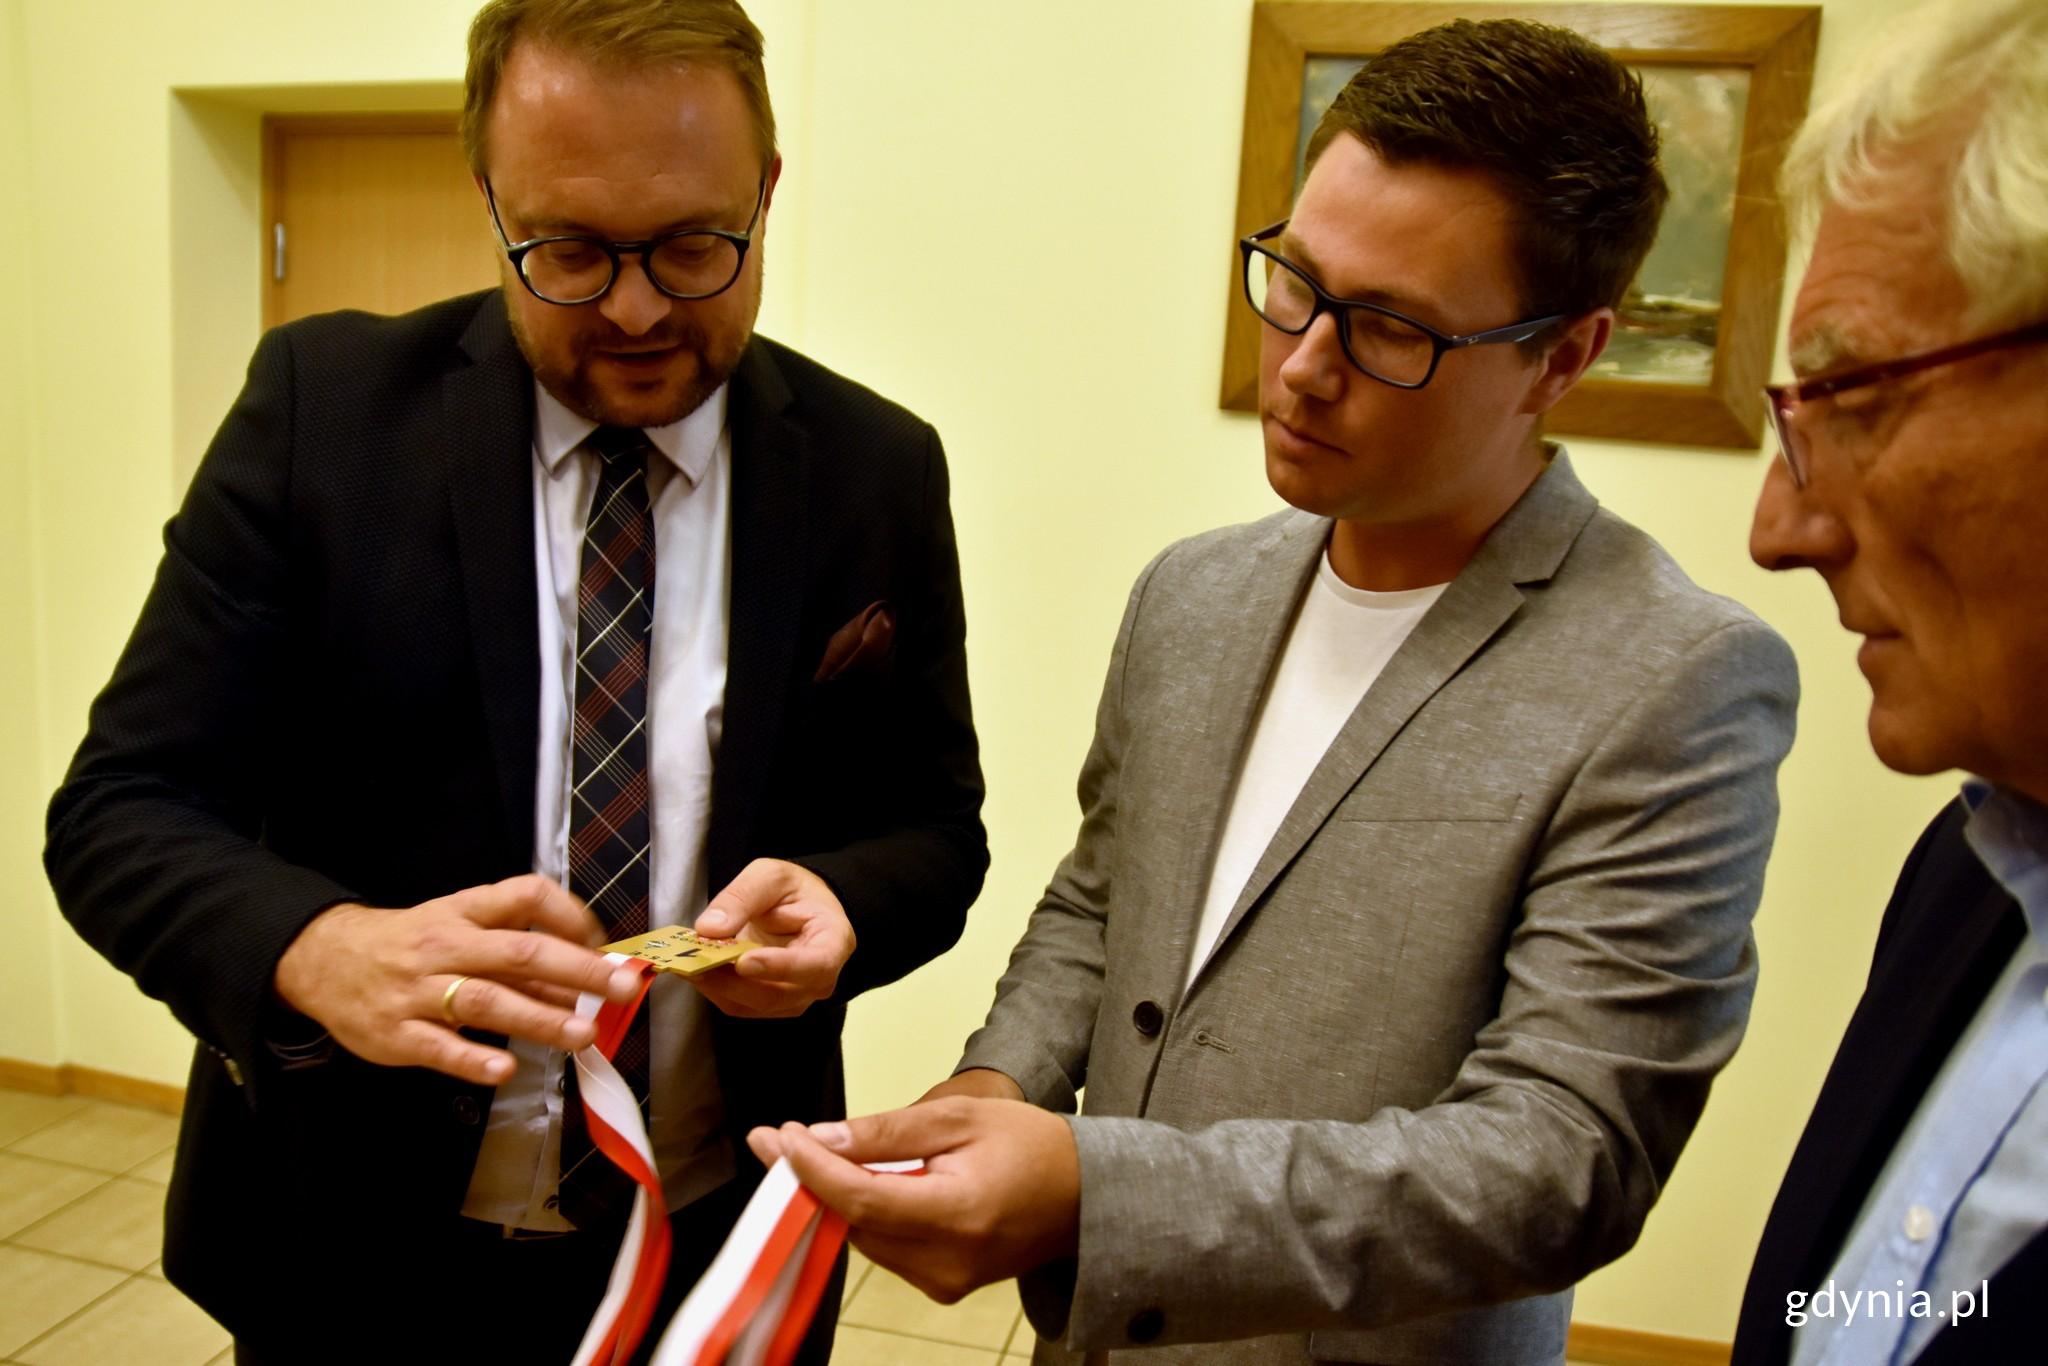 Podczas spotkania Jan Springer zaprezentował wiceprezydentowi Łucykowi zdobyte medale // fot. Paweł Kukla